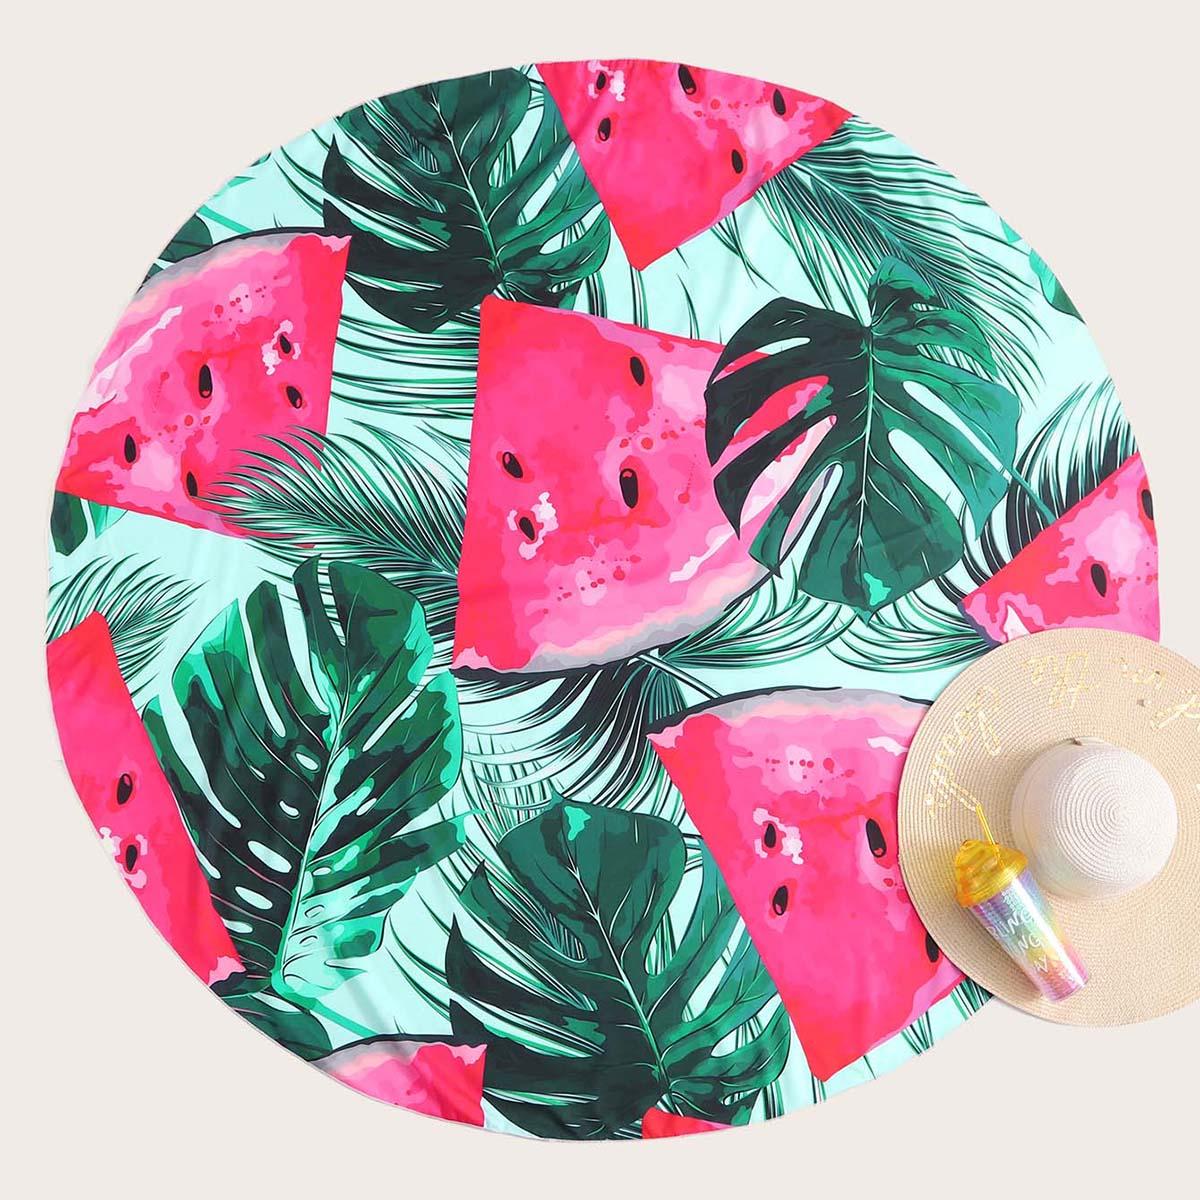 Пляжное одеяло с узором арбуза и тропическим принтом по цене 610